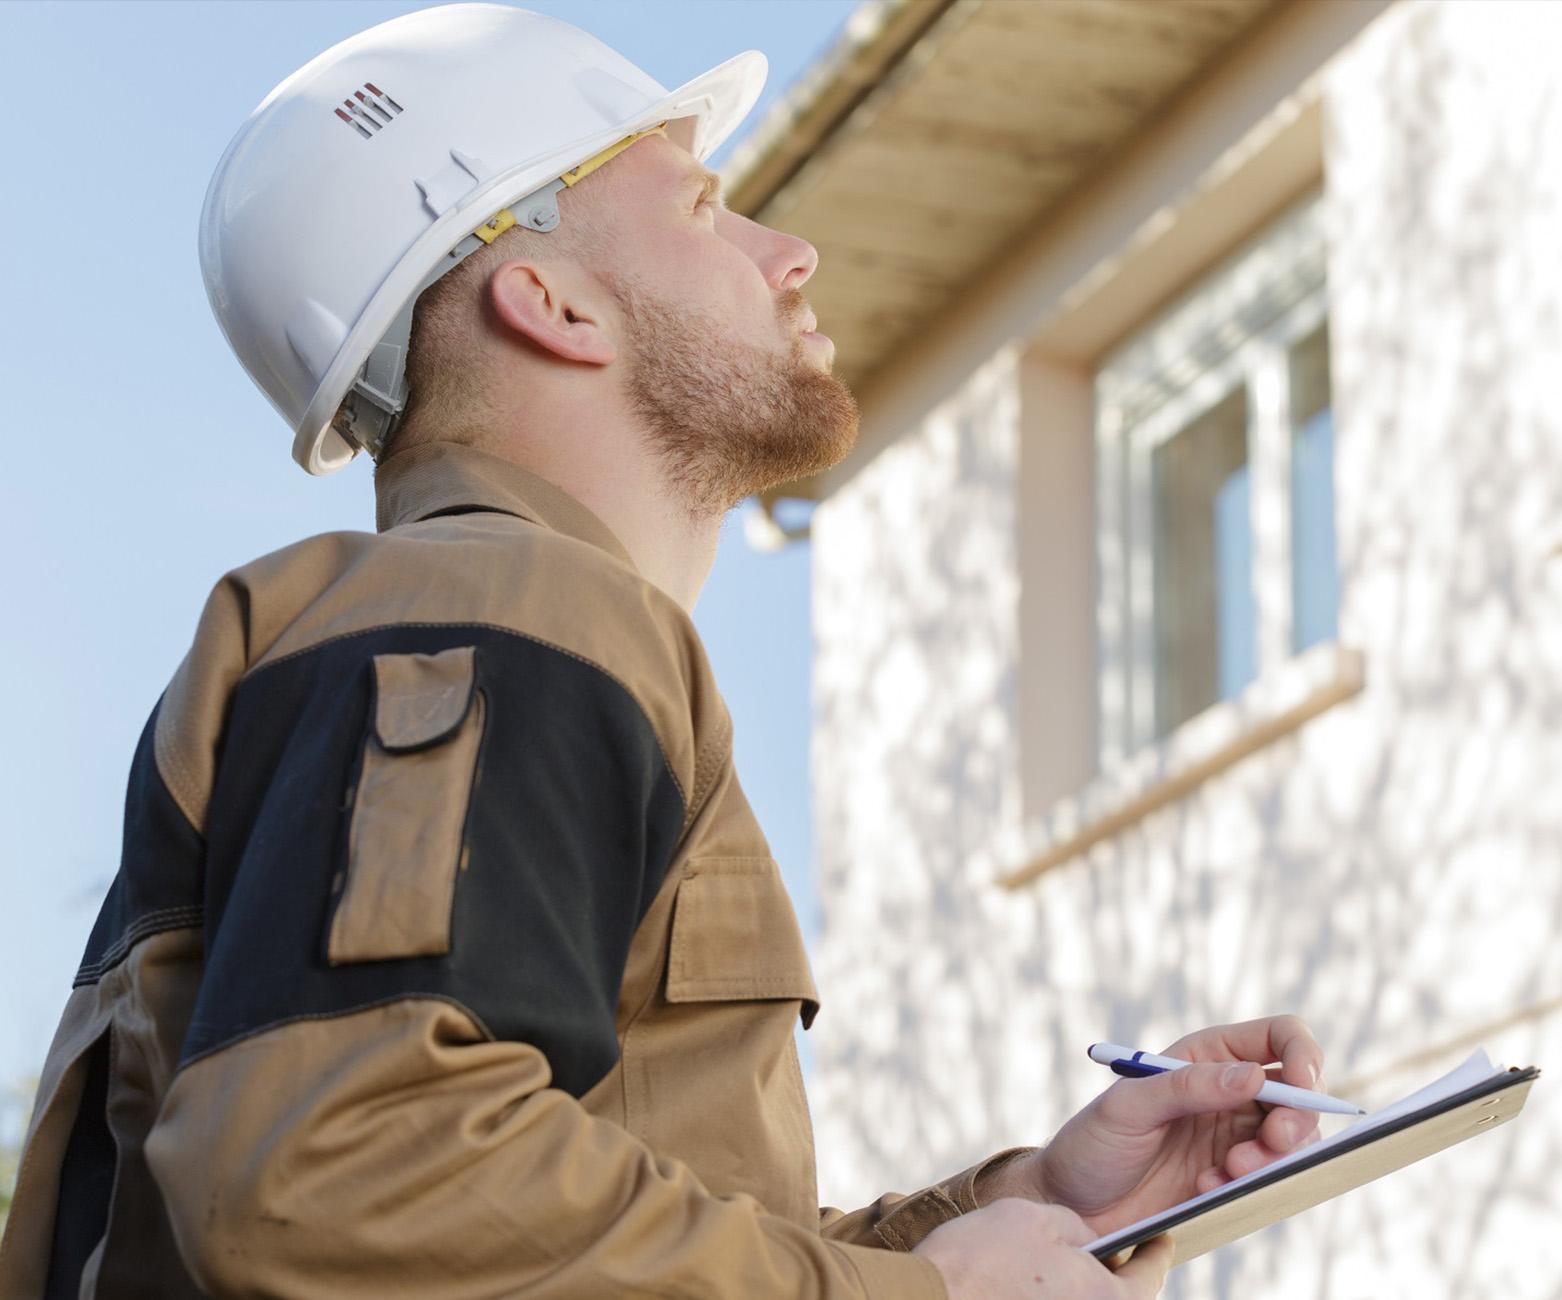 Image of a property surveyor.